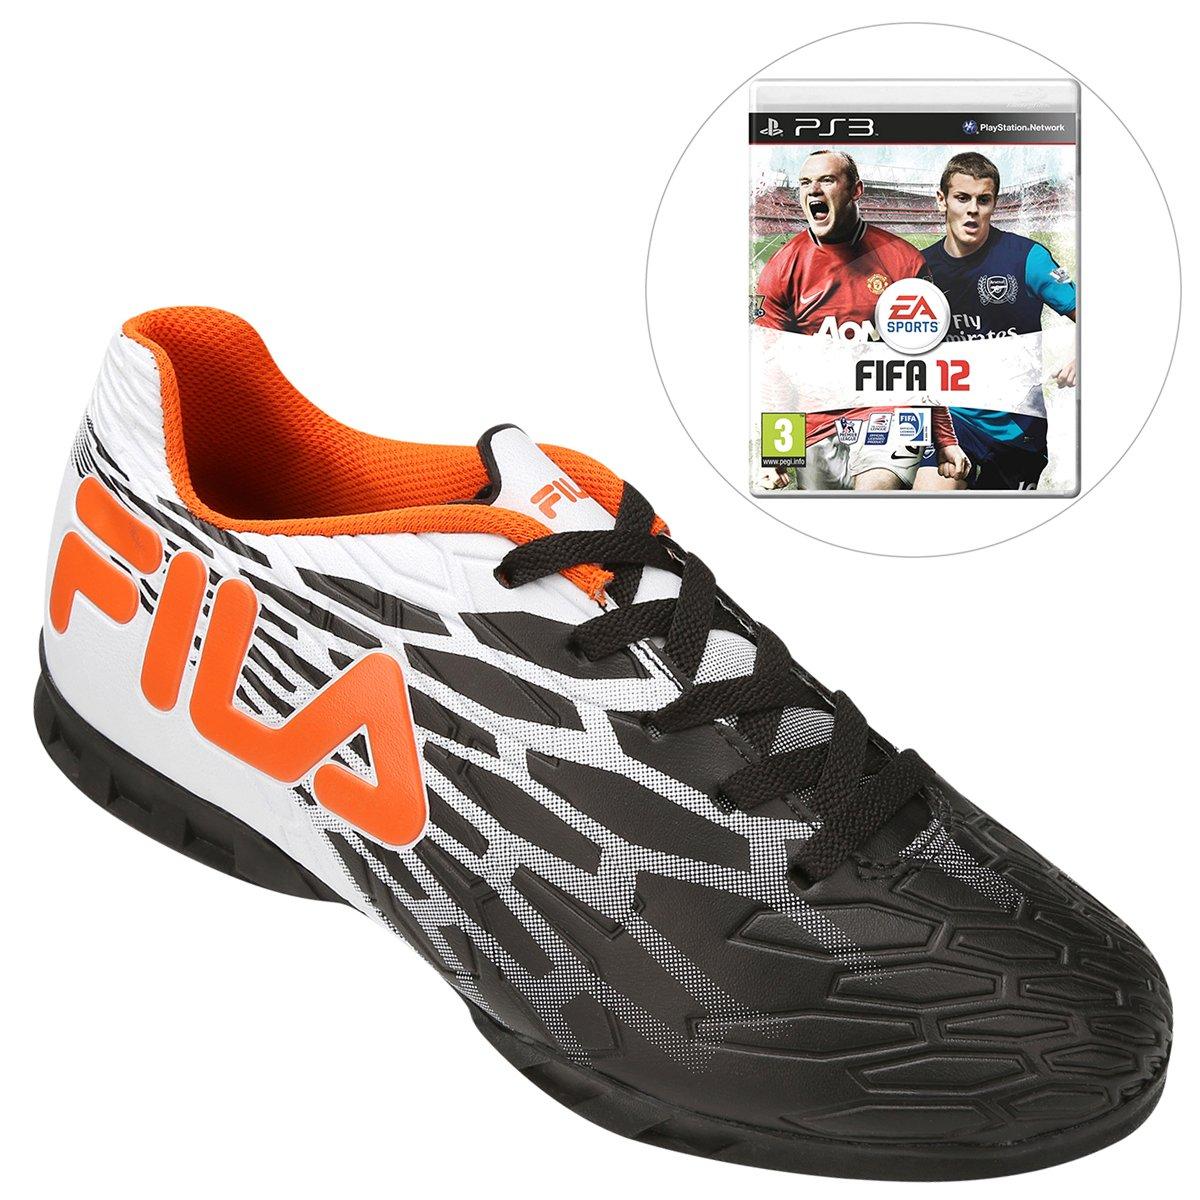 5560843a19ea5 Chuteira Fila Snap Futsal + Jogo FIFA Soccer 12 PS3 - Compre Agora ...